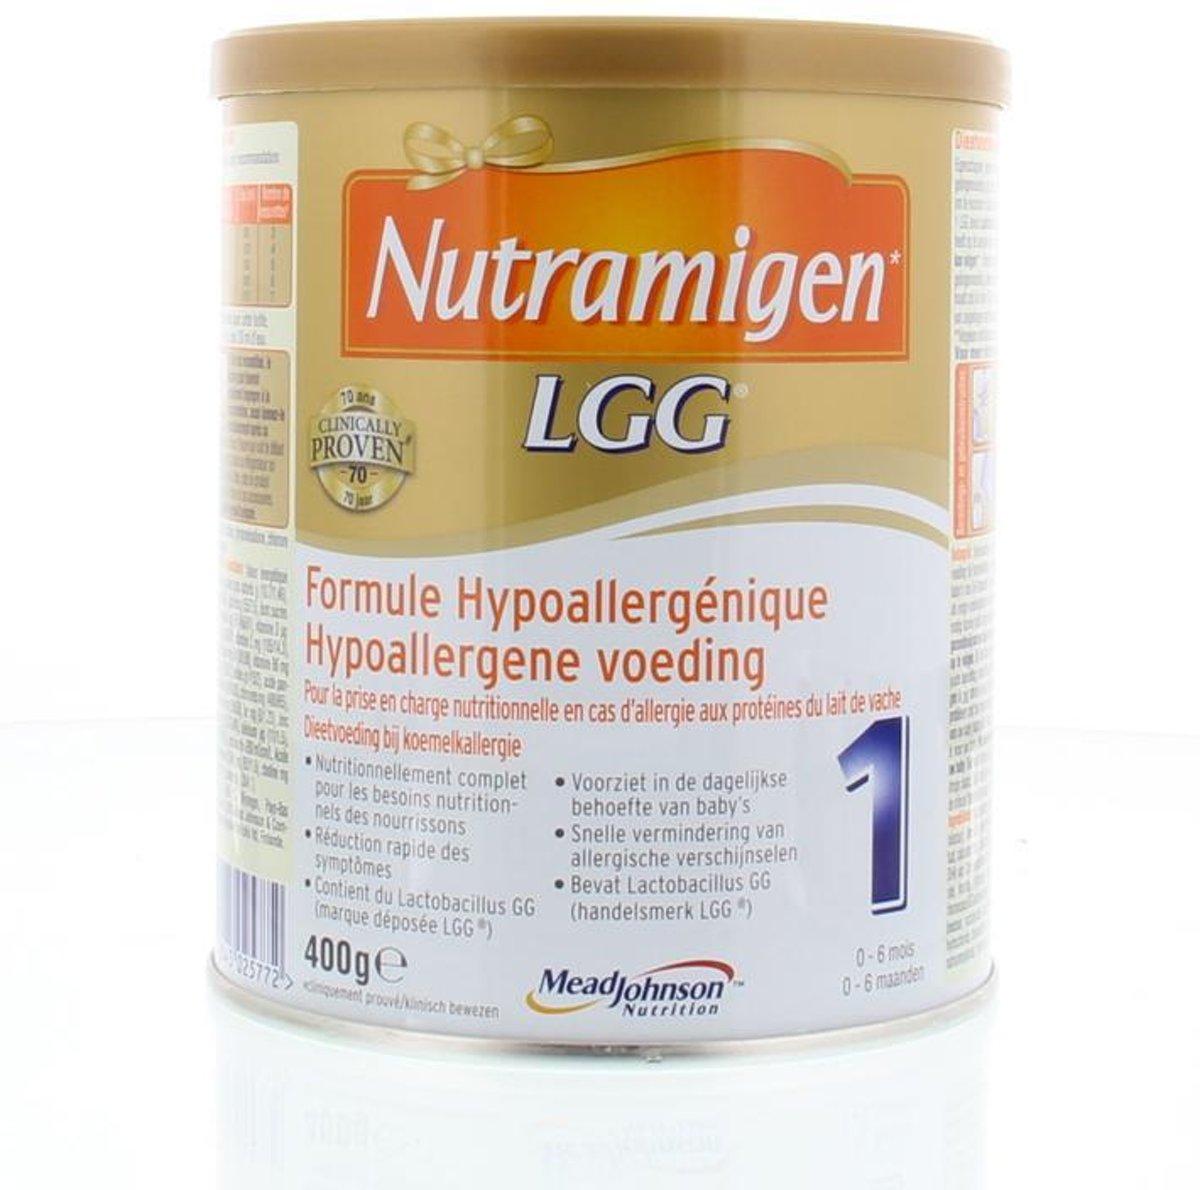 Nutramigen Nutramigen 1 + LGG 400 gram - flesvoeding kopen